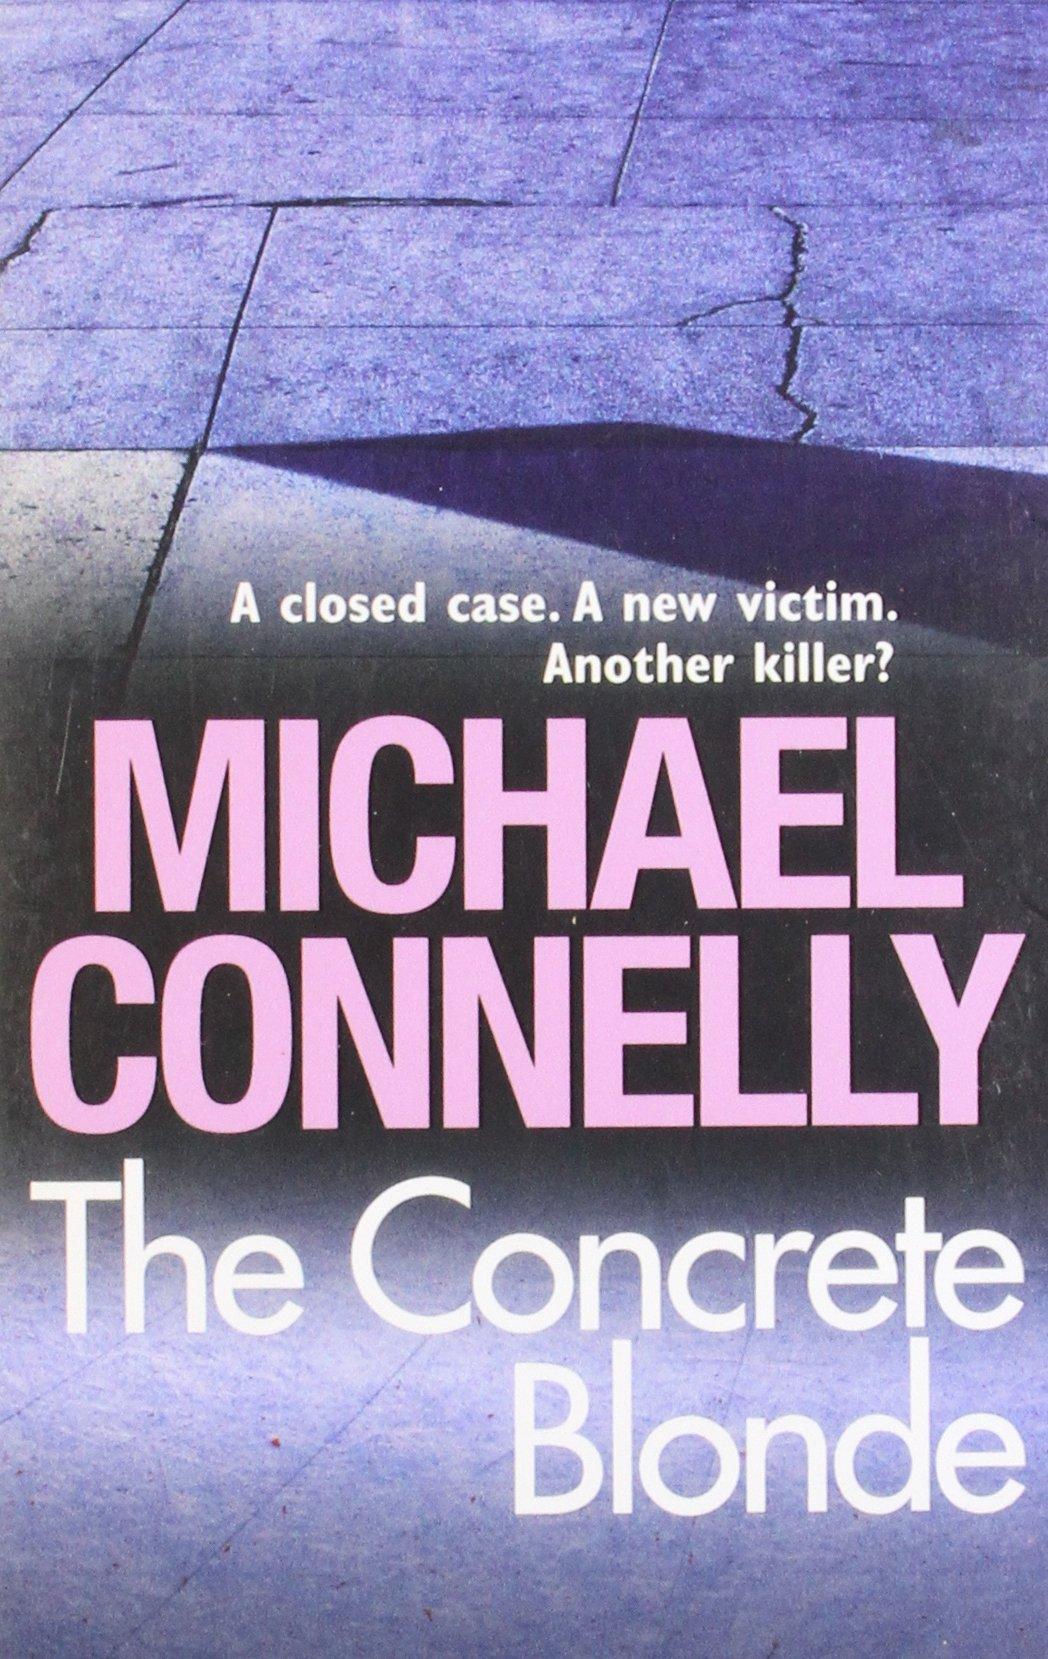 CONCRETE BLONDE -  Michael Connelly - 9781407234915